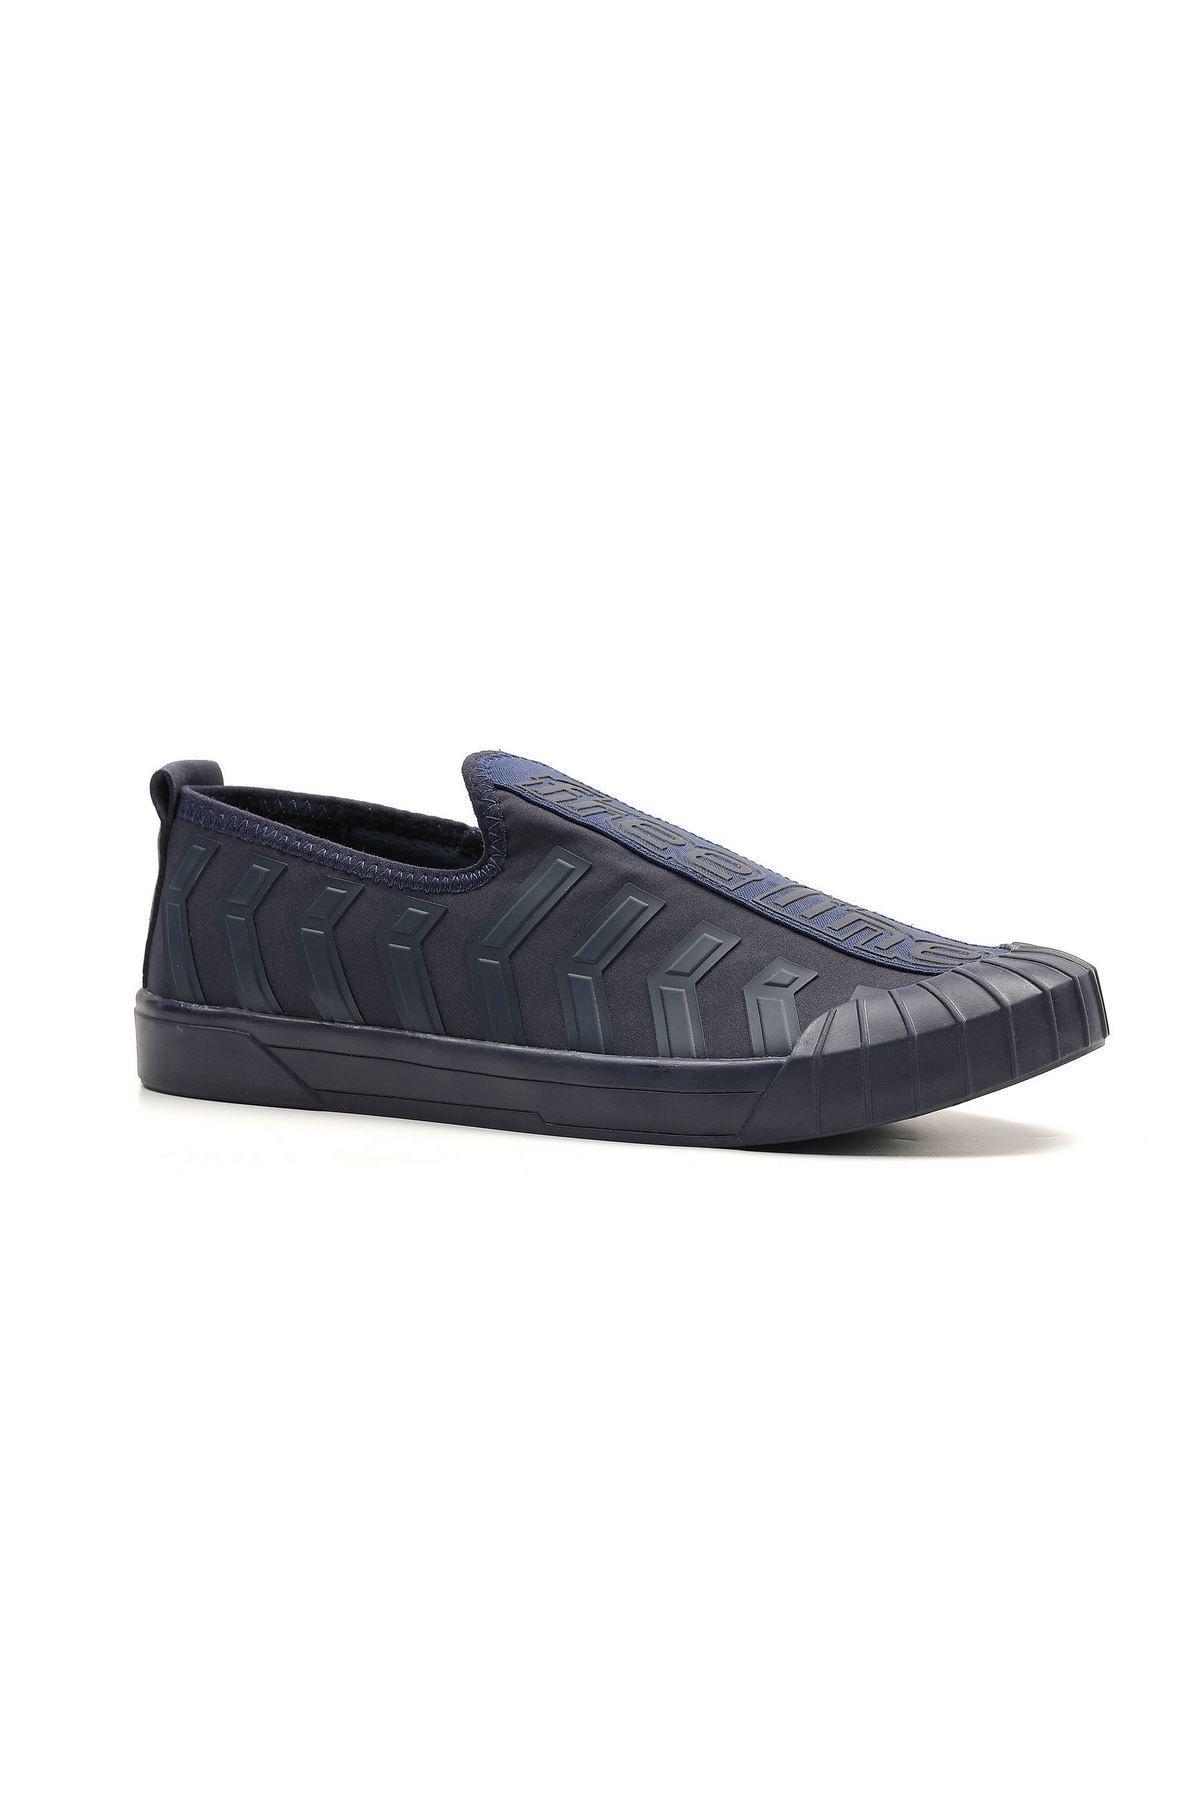 LETOON Erkek Casual Ayakkabı - 7070MR 2